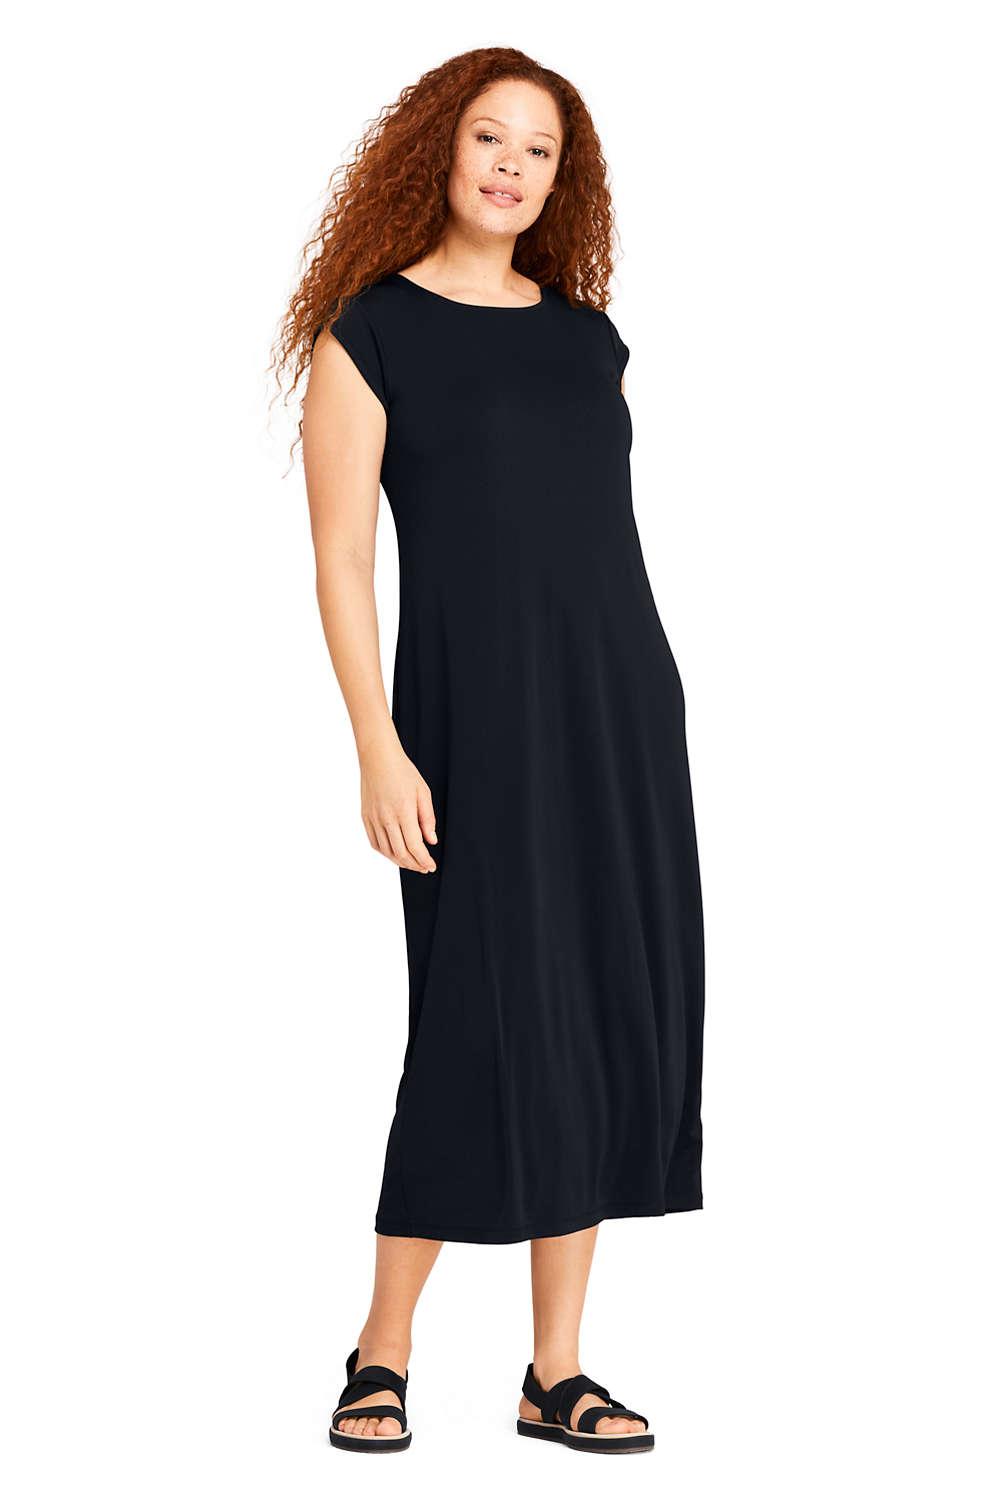 59d64fe82d4 Women s Plus Size Cap Sleeve Matte Jersey Tee Shirt Dress from Lands  End